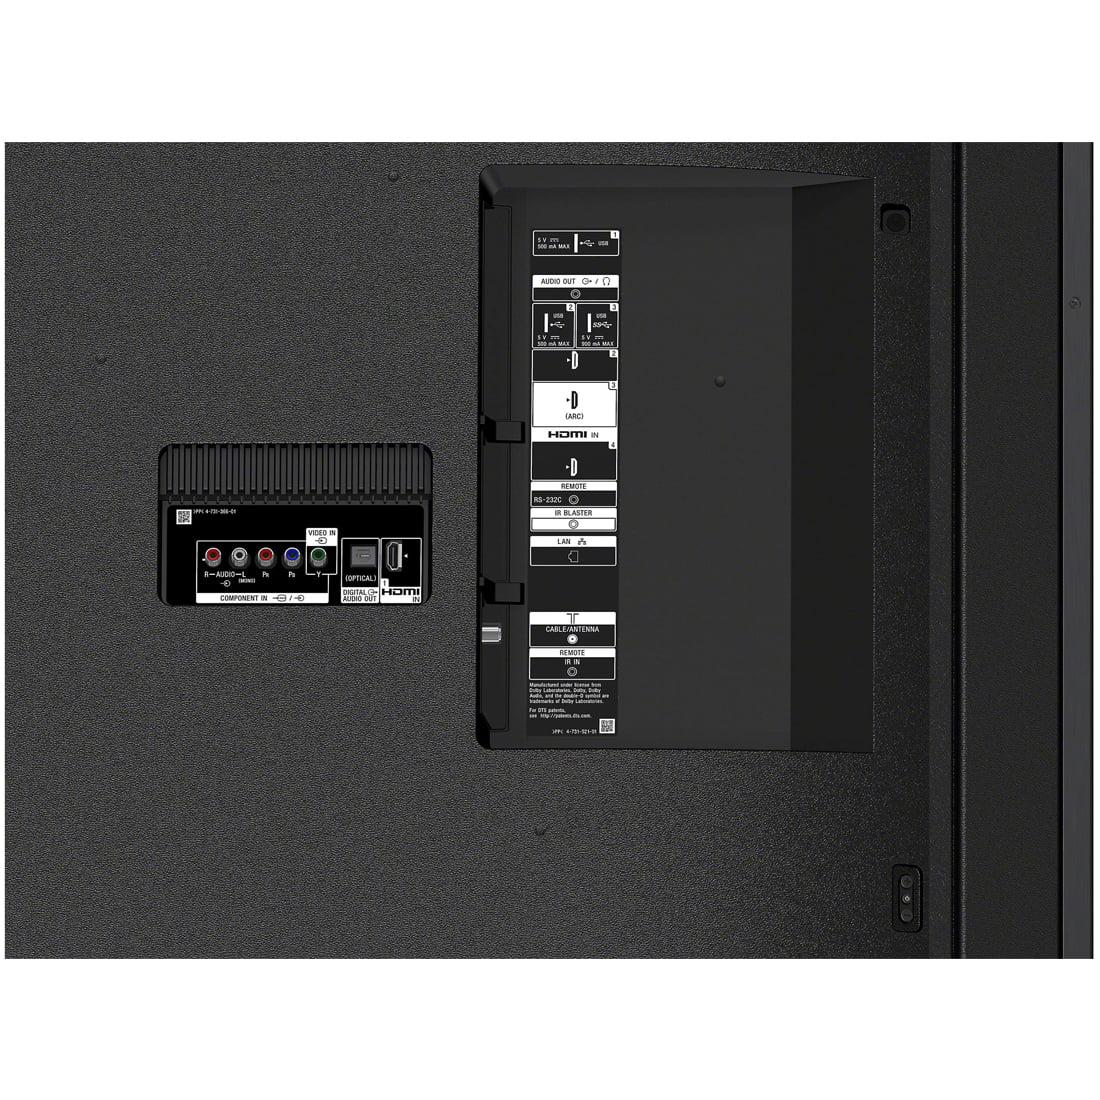 Sony Xbr 75x850f Hdr Smart Tv Ht X9000f 2 1ch Soundbar